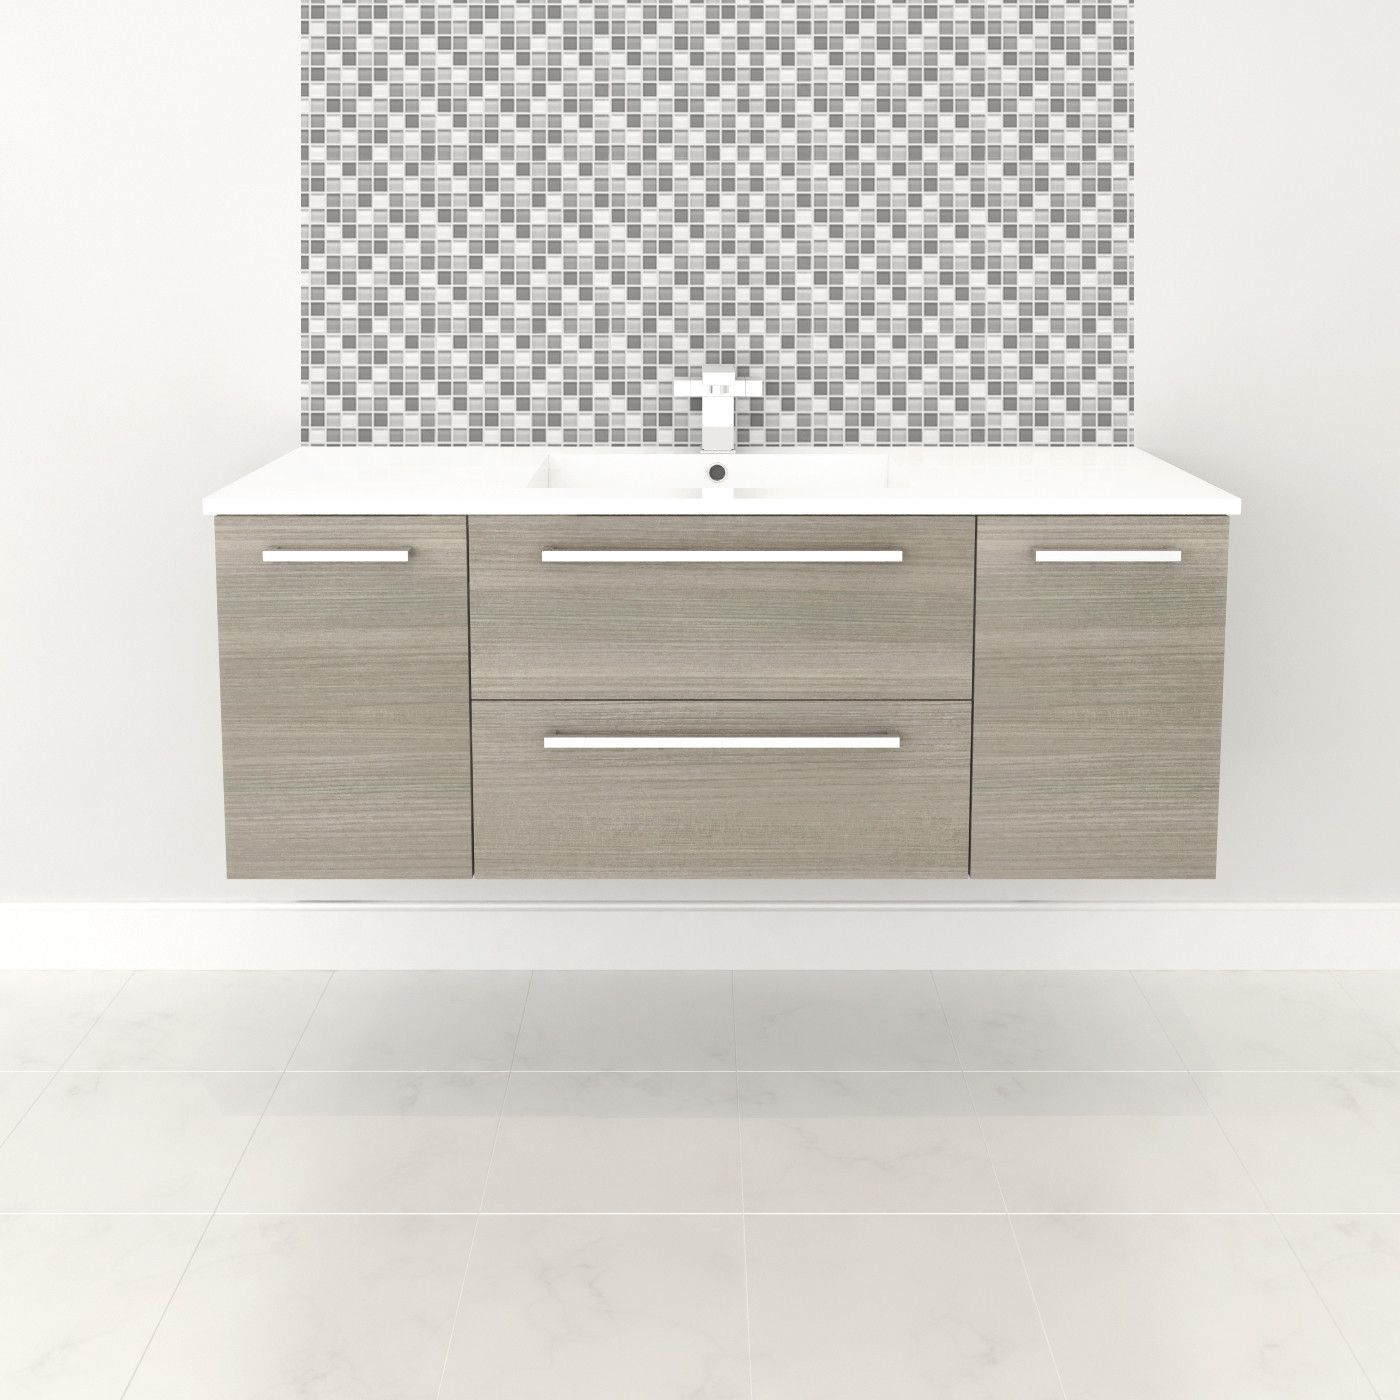 Floating bathroom vanities - Cutler Kitchen Bath Silhouette 48 Single Bathroom Floating Vanity Set